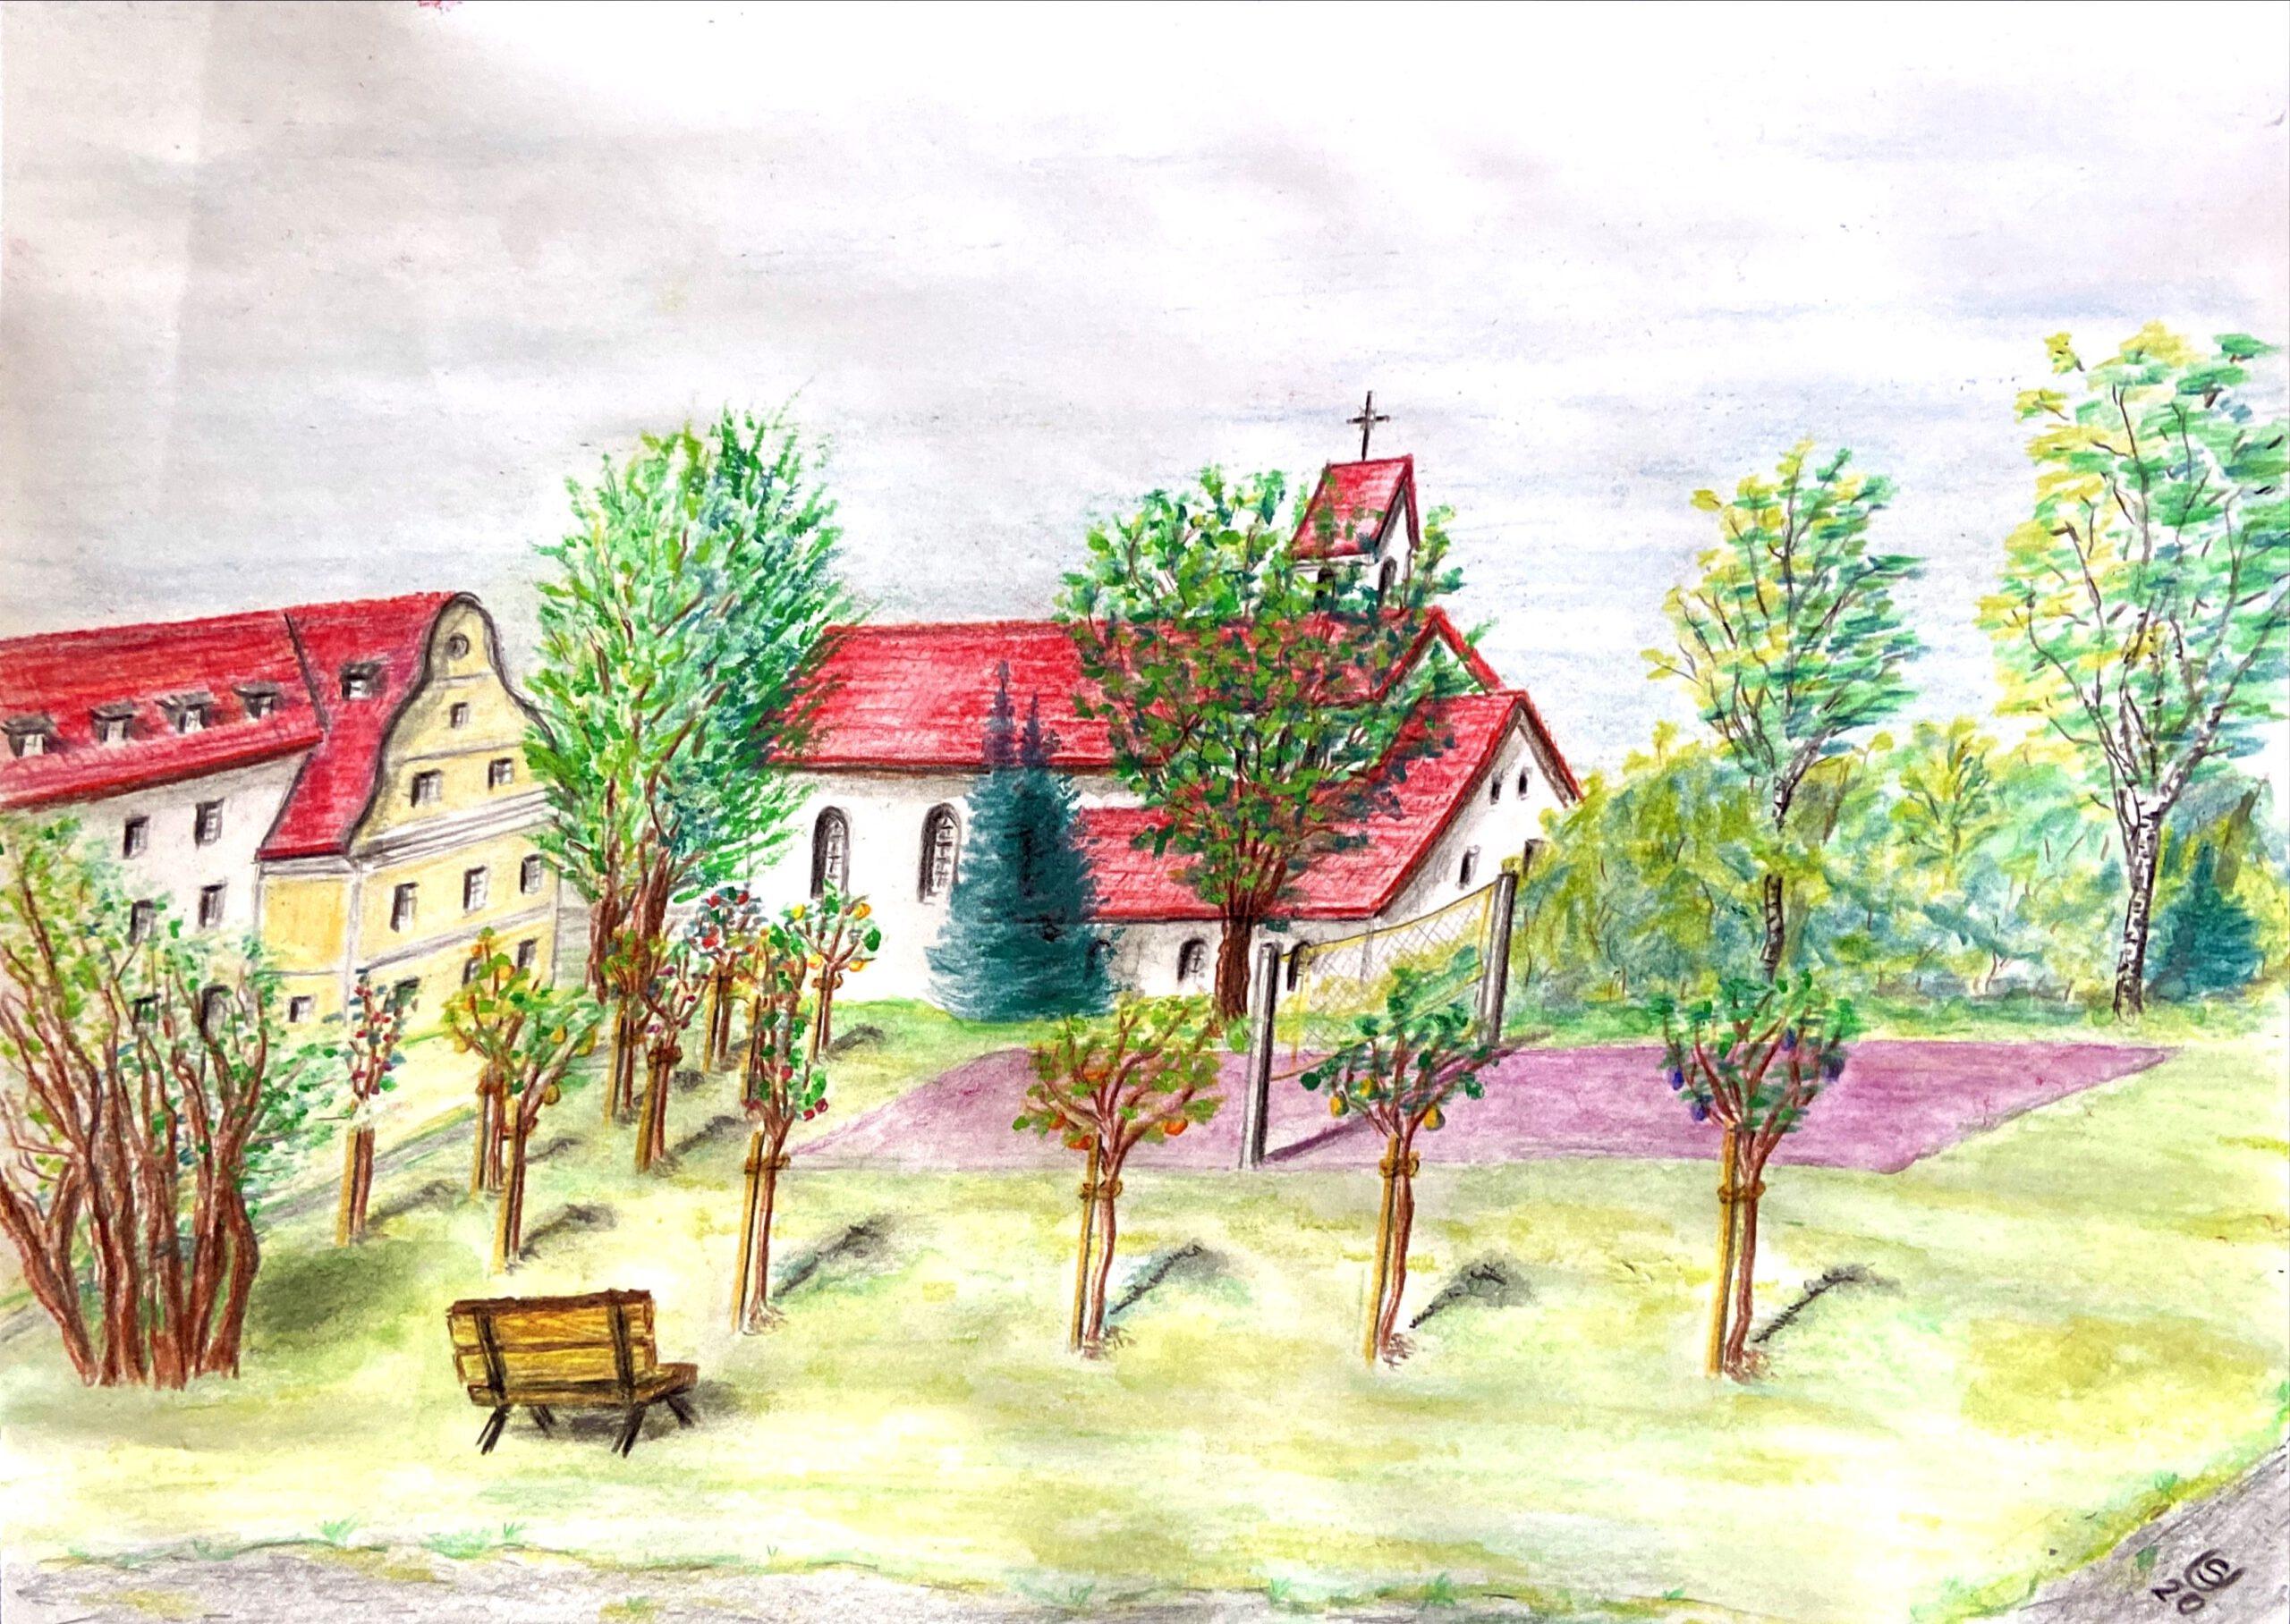 Umweltprojekt – Obstbäume für den Klimaschutz